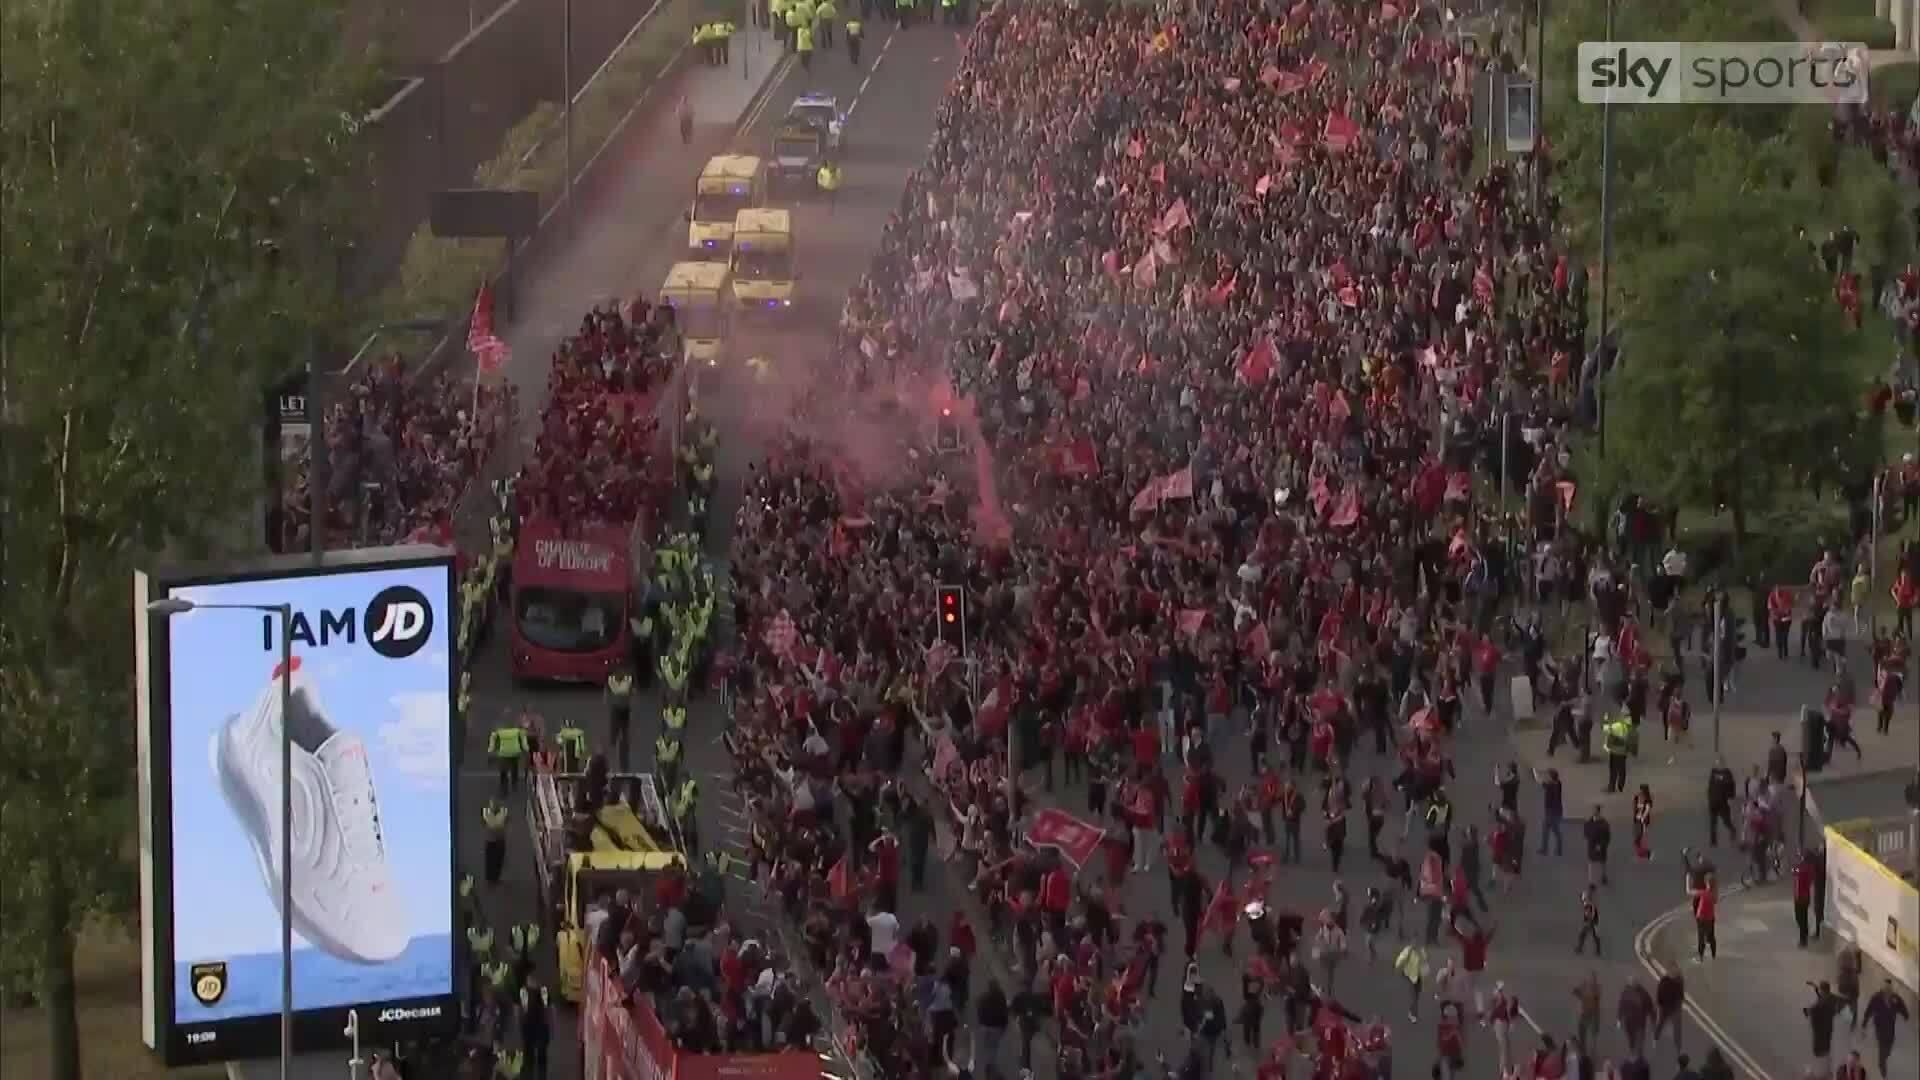 Liverpool diễu hành mừng chức vô địch Champions League 2018/19